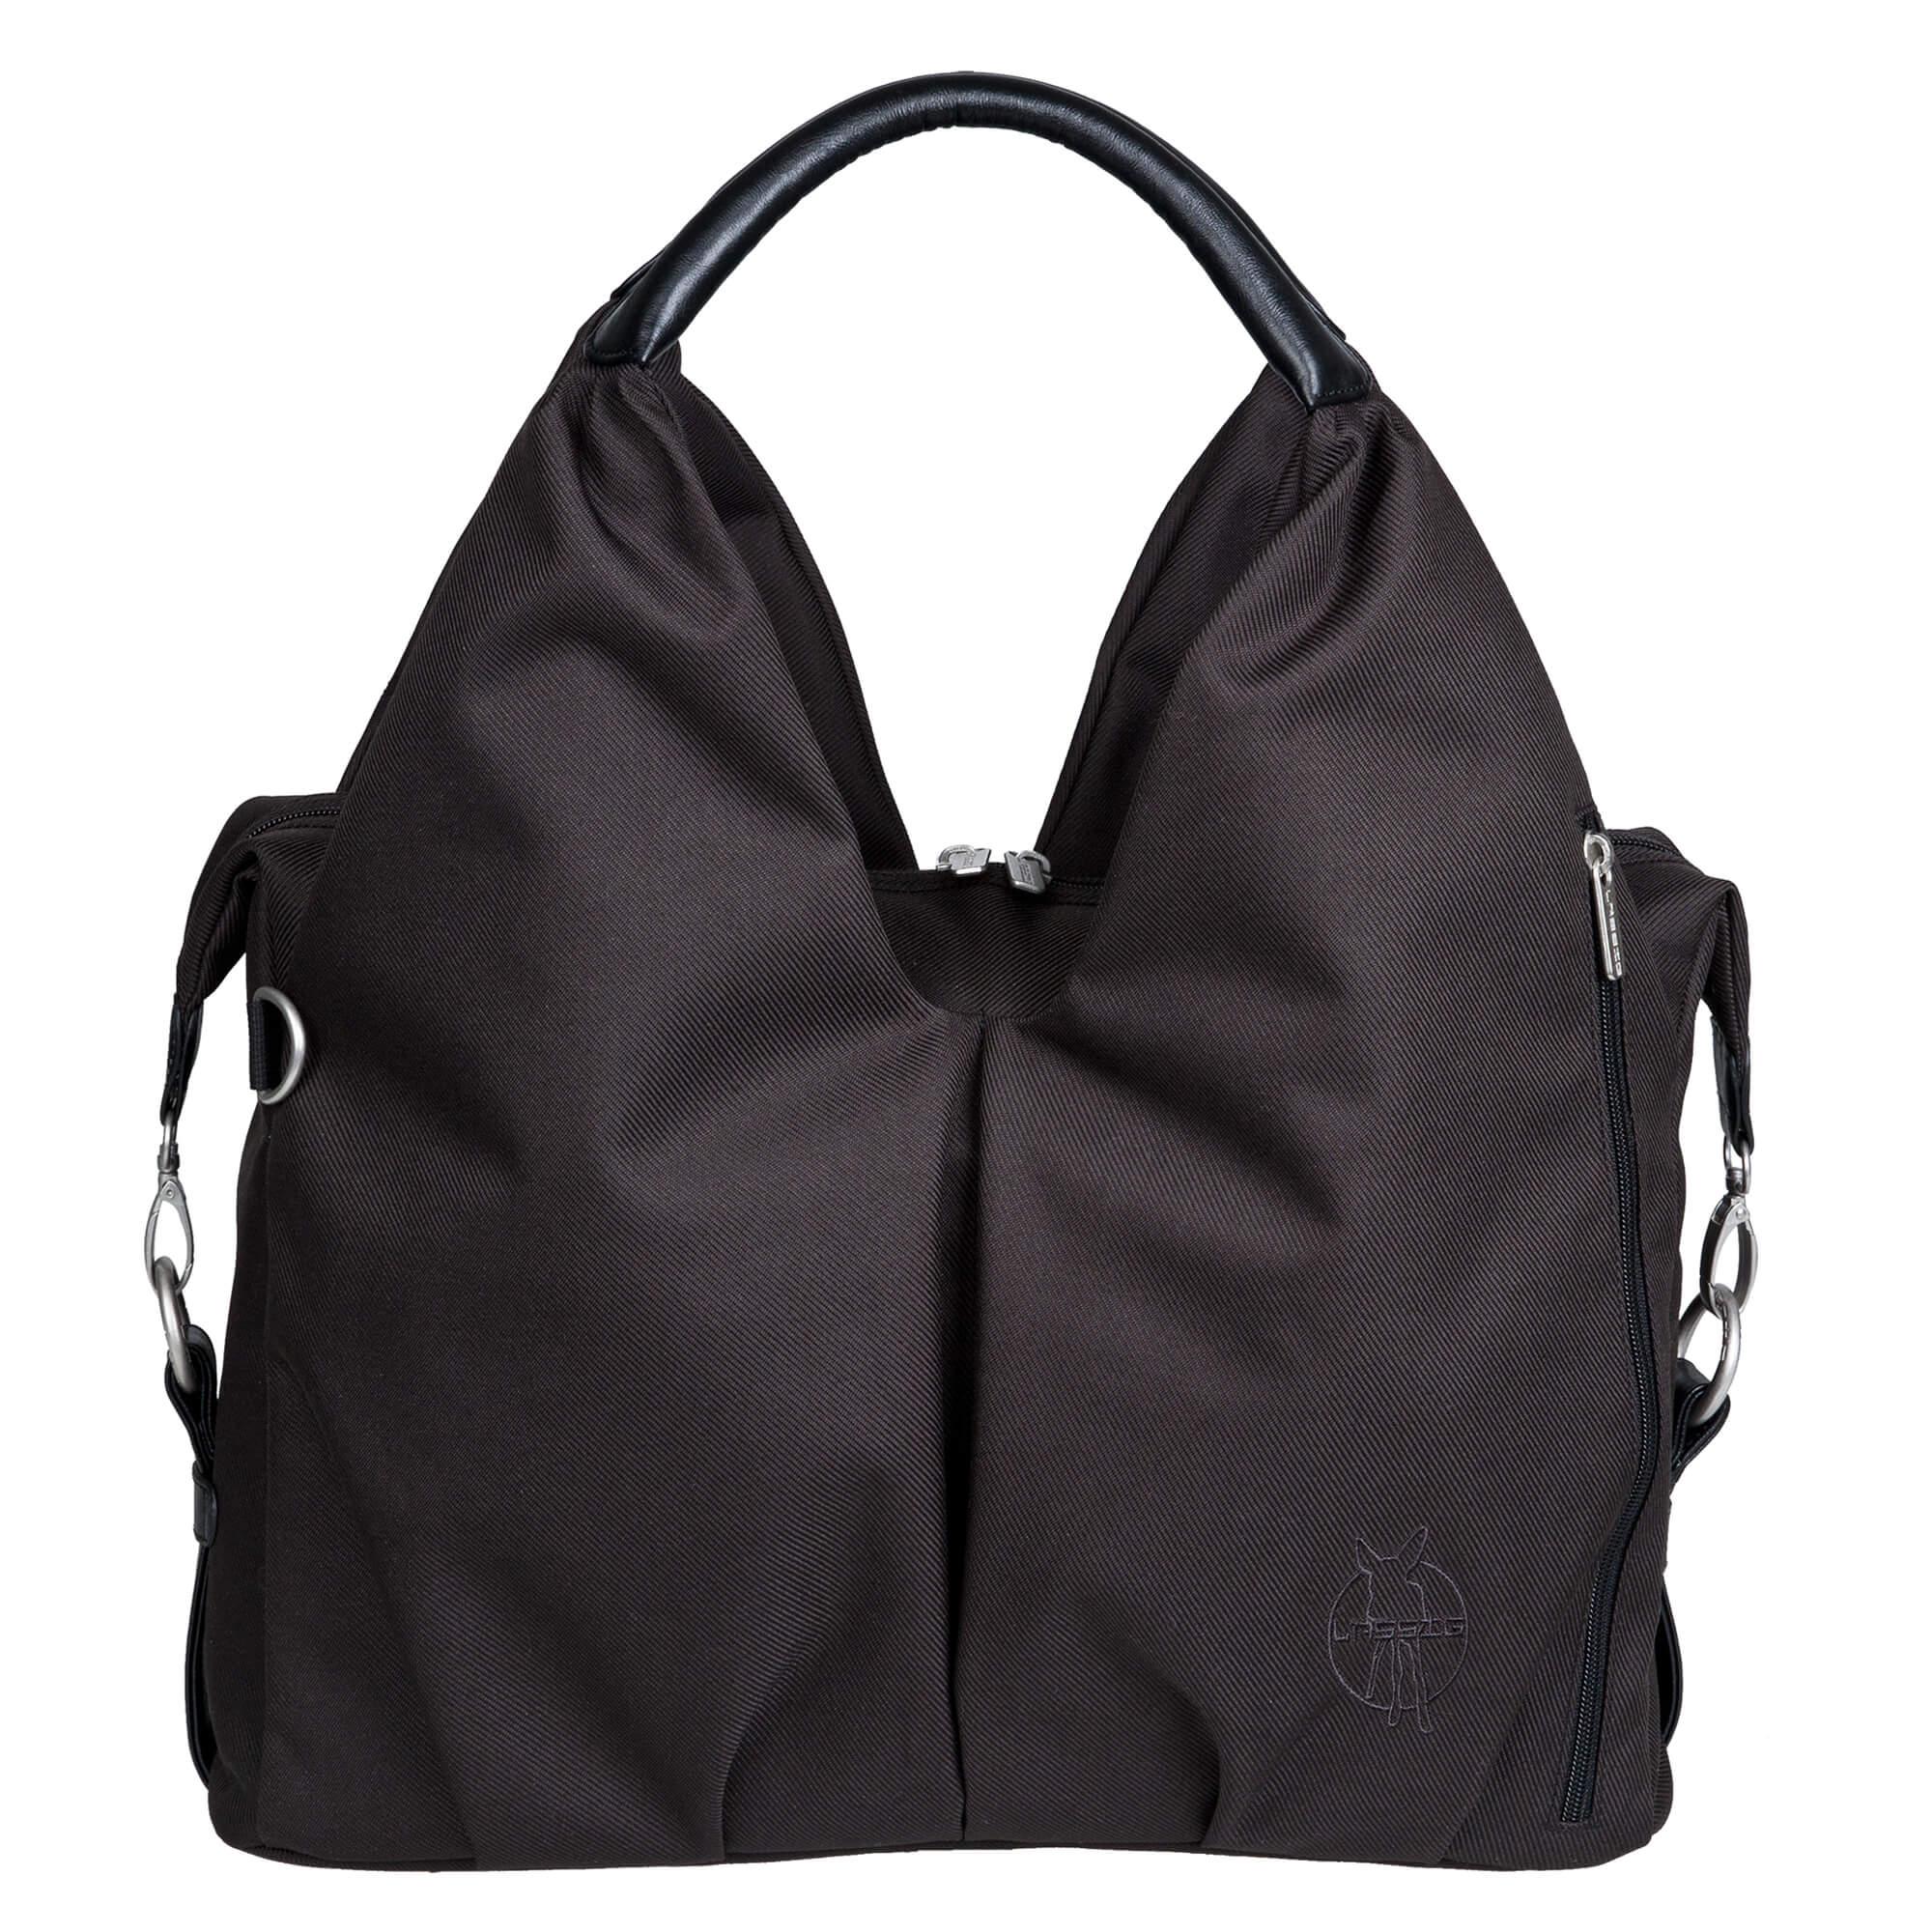 Wickeltasche neckline bag black lÄssig fashion